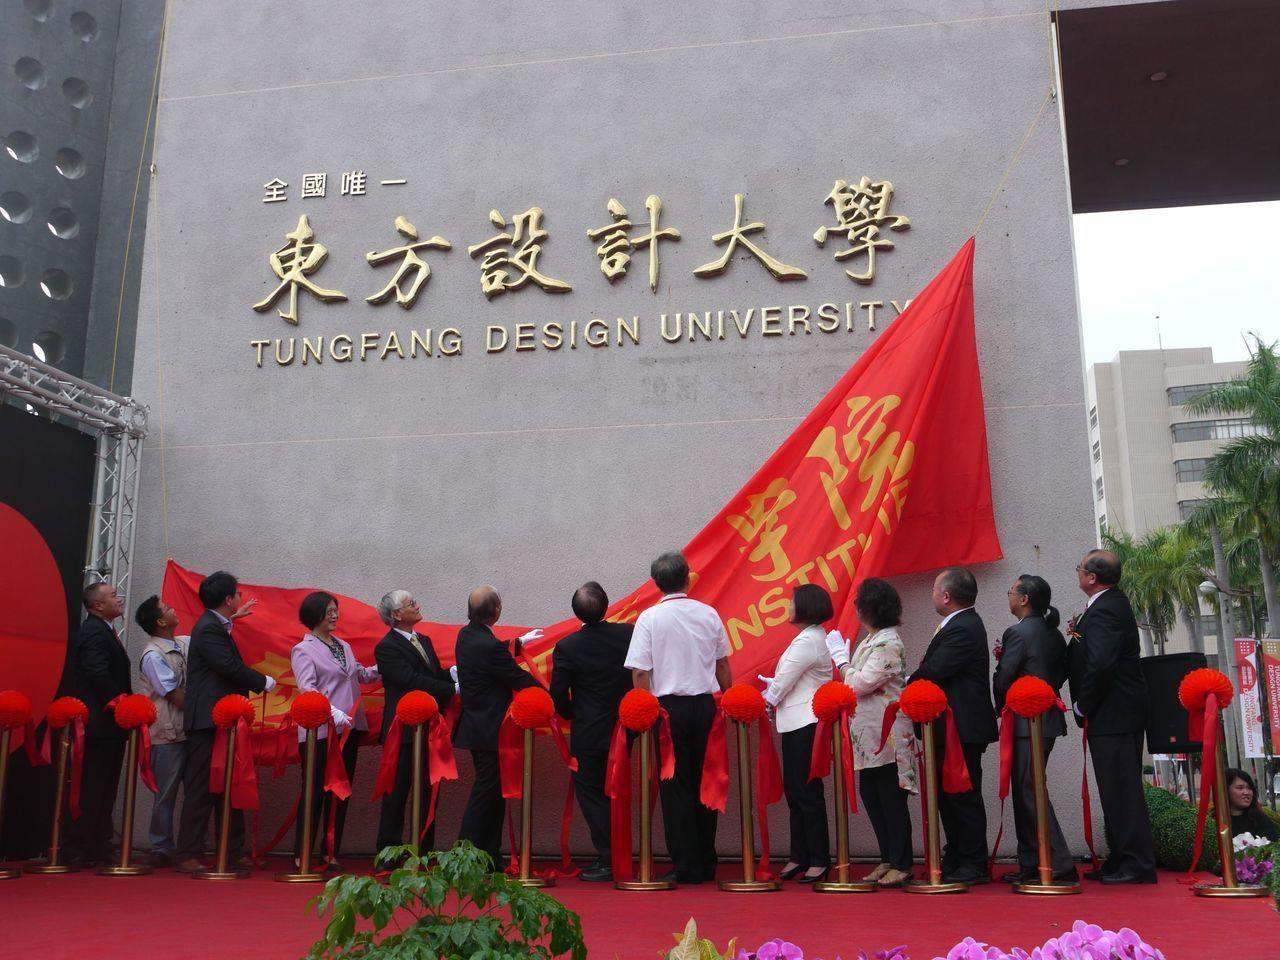 東方設計學院106年8月1日升格為東方設計大學。本報資料照片